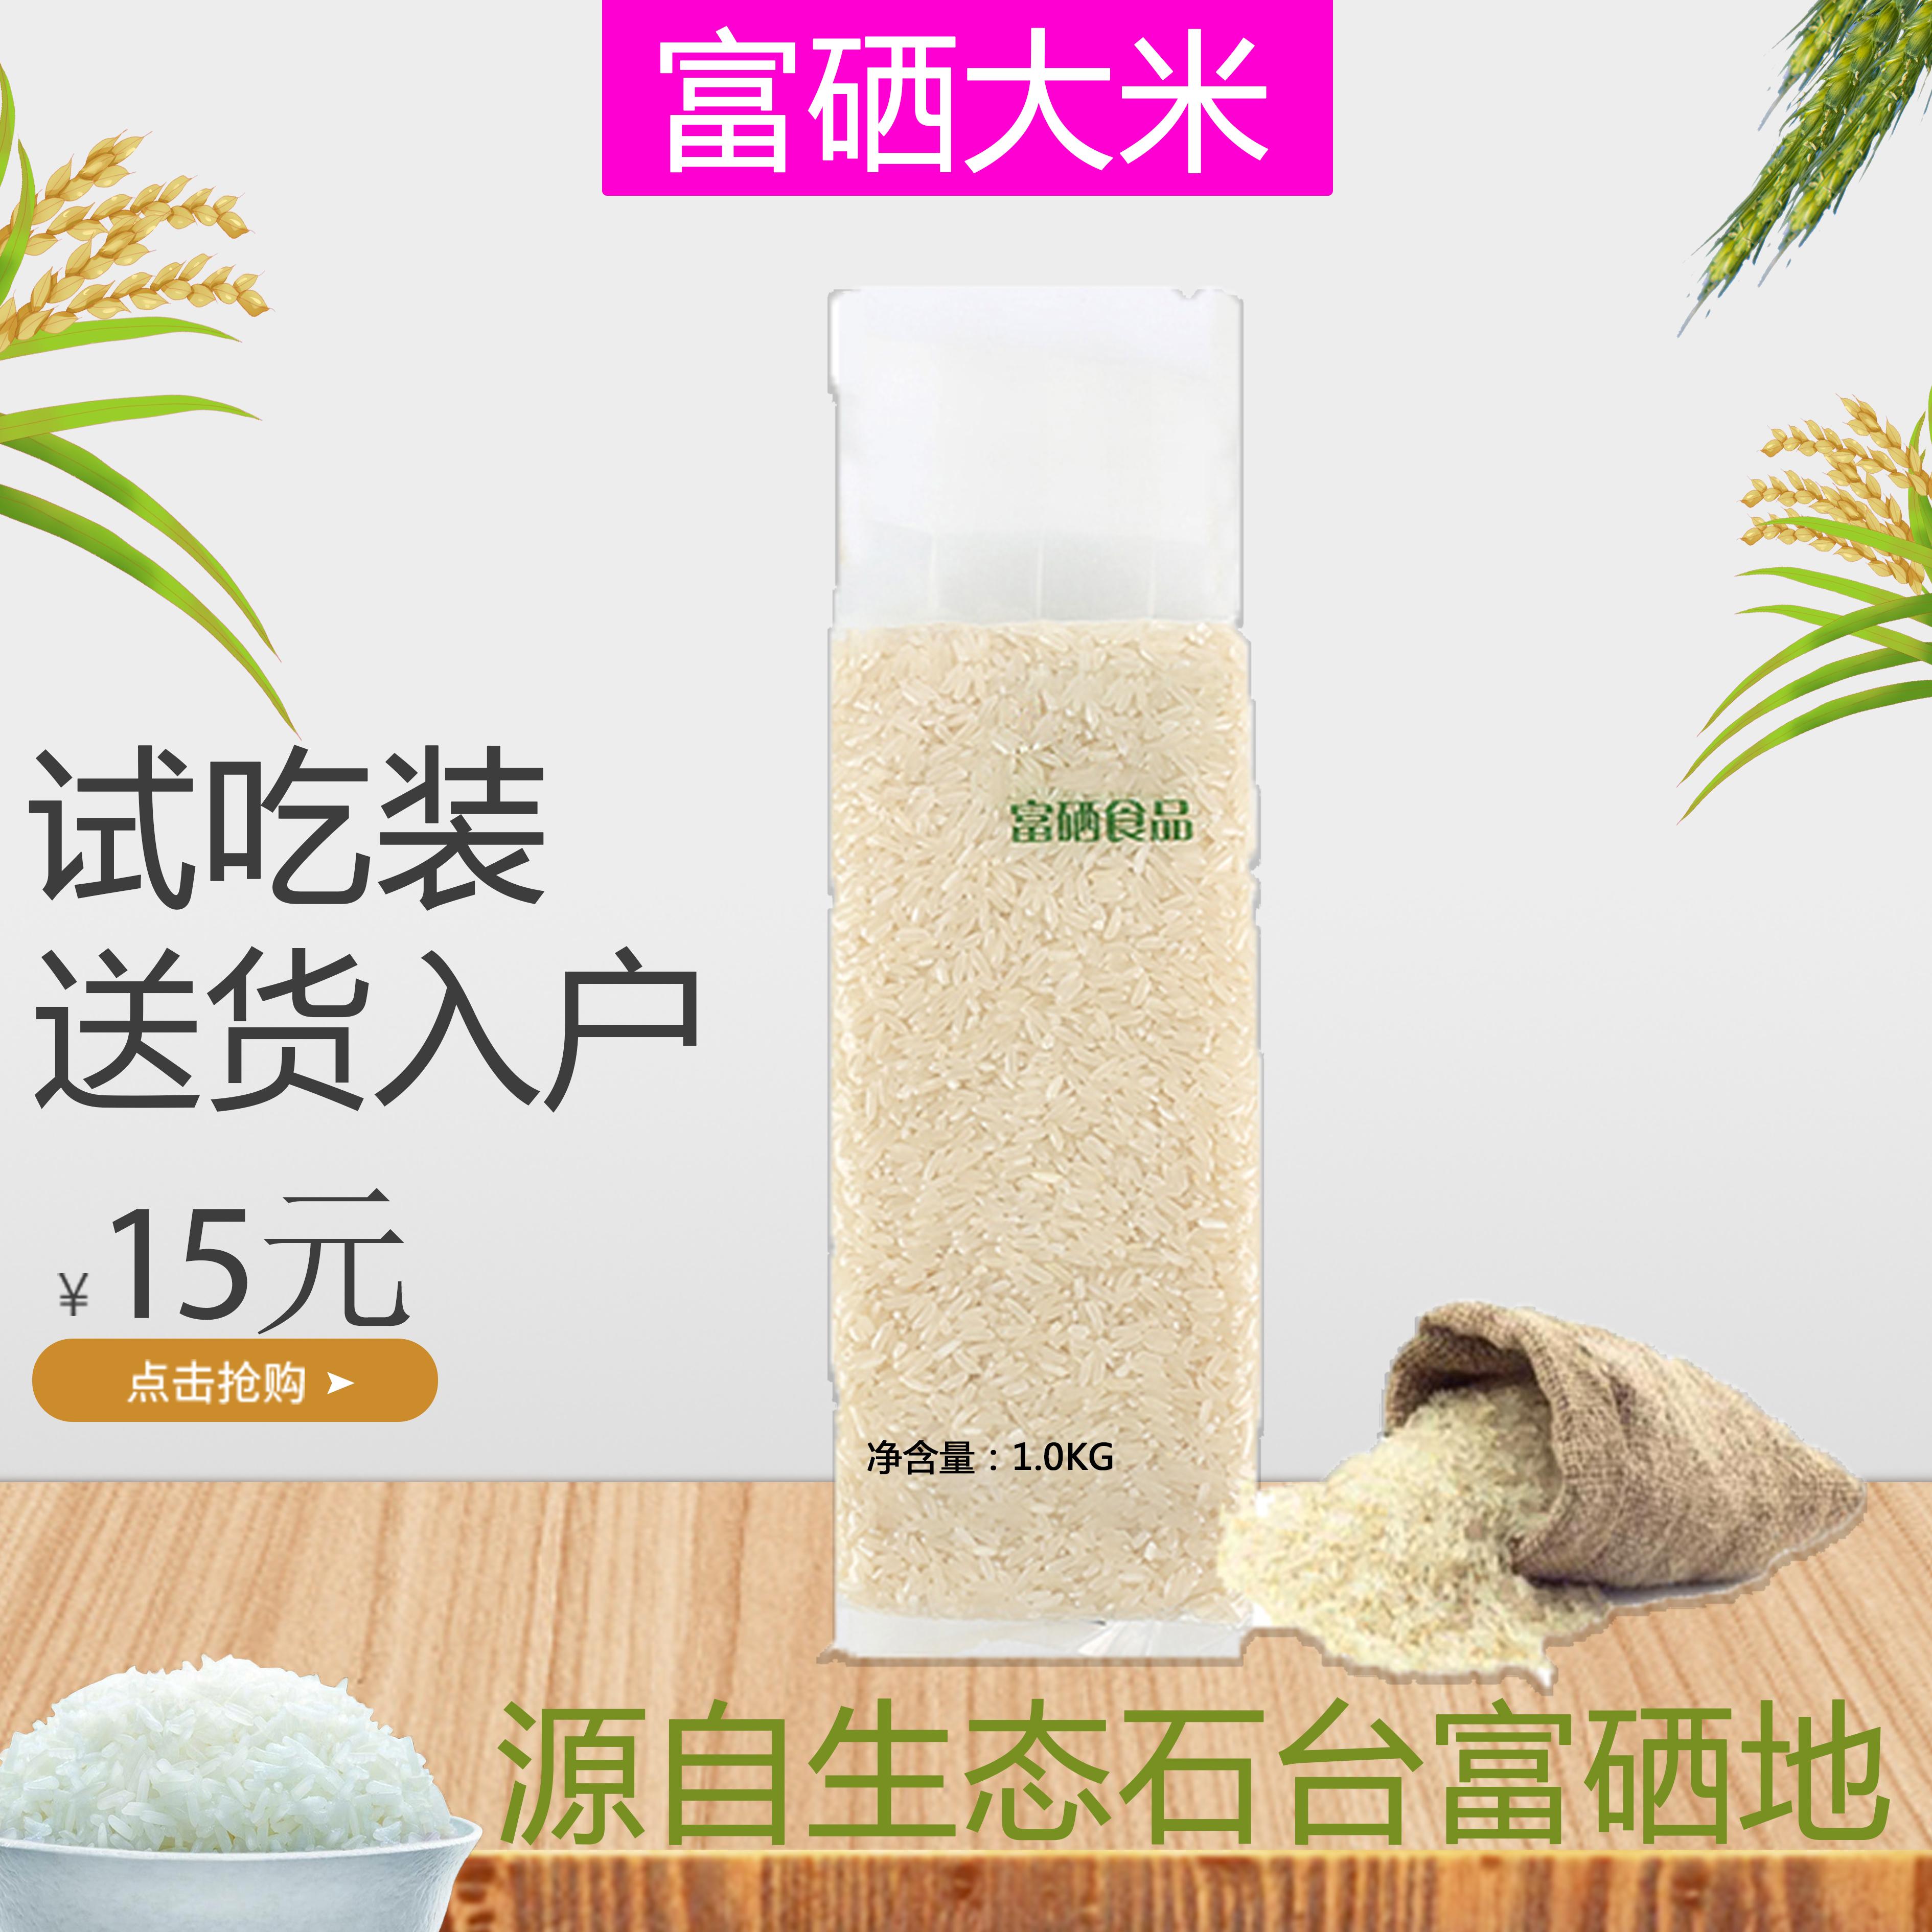 原生态金粟康富硒大米(1KG试吃装)